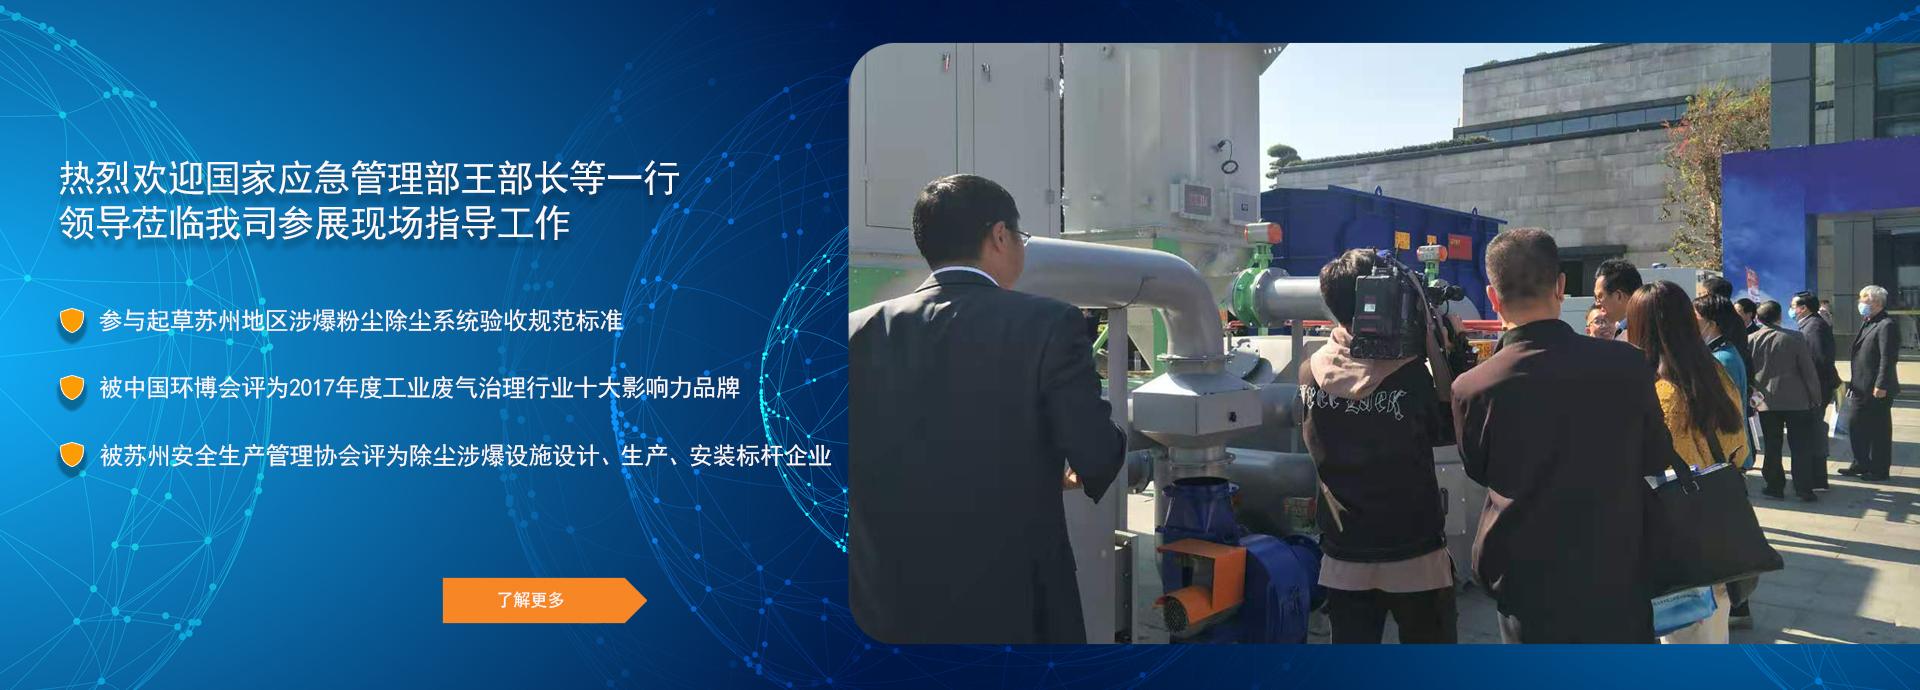 工統(tong)環保-濕(shi)式(shi)除塵器-有(you)機廢氣處理設備RTO